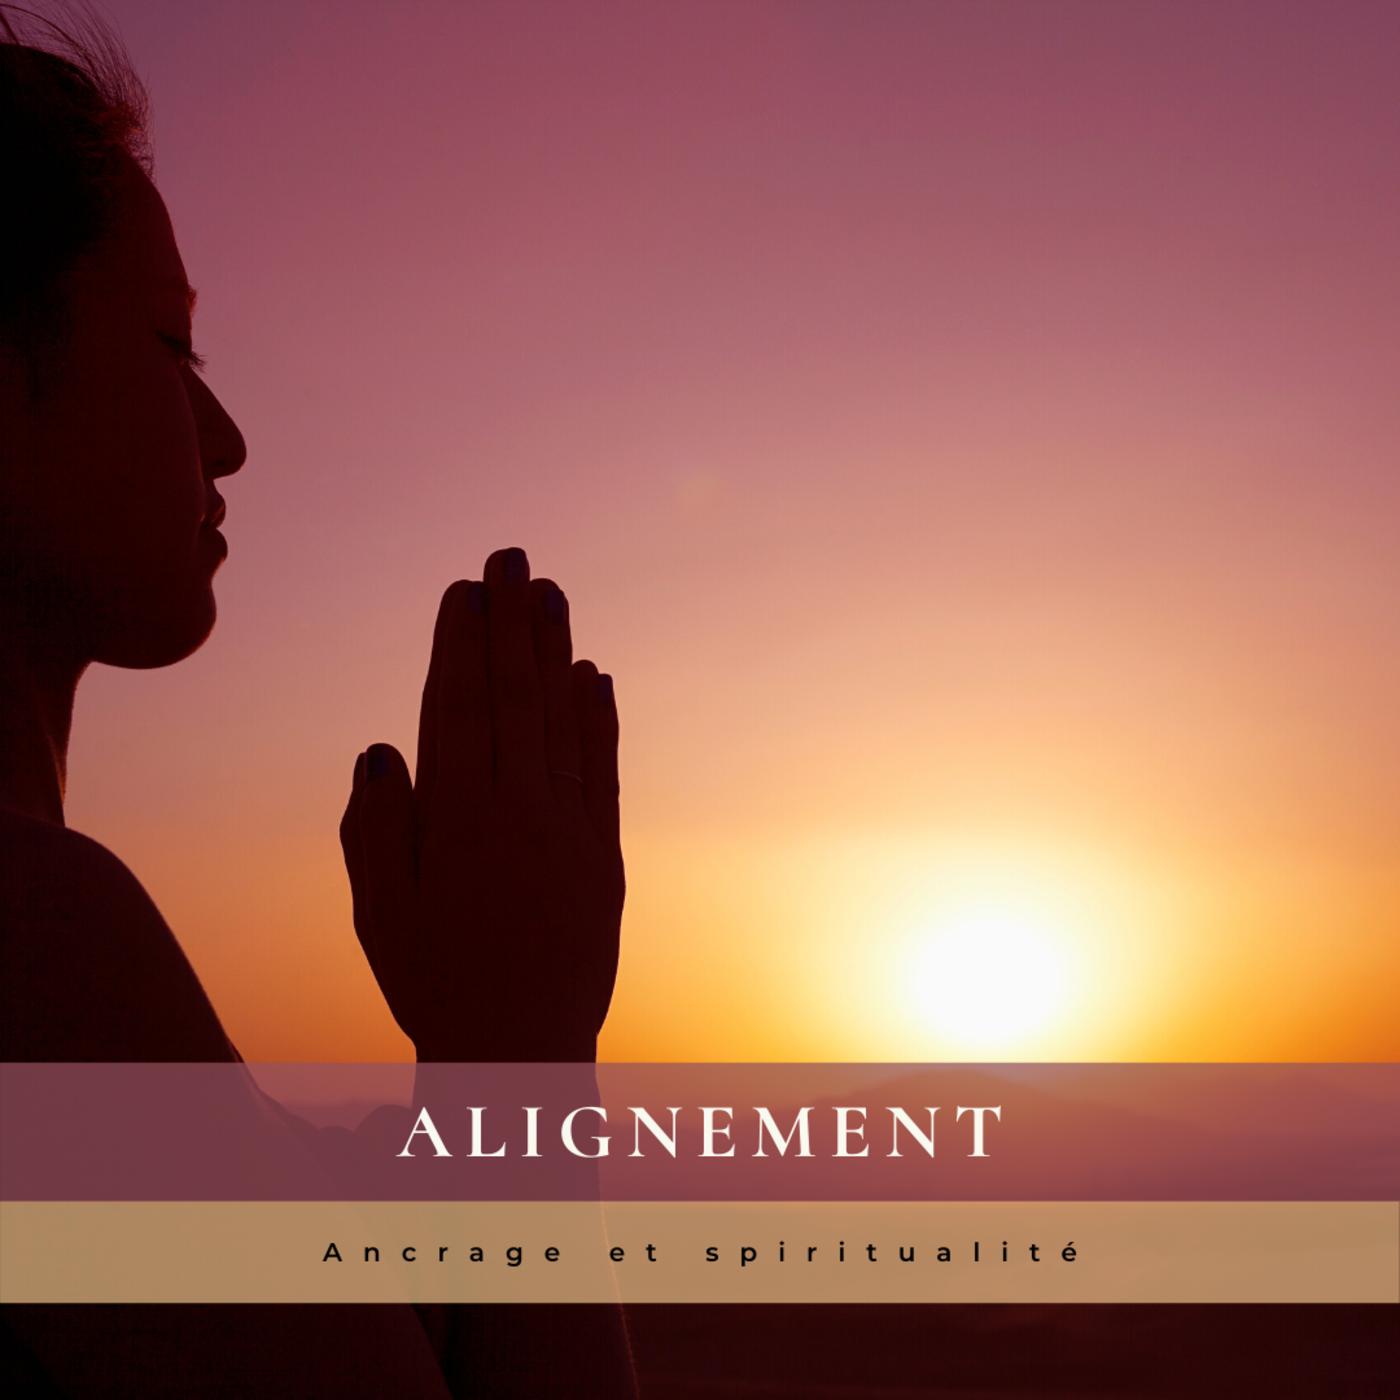 Alignement, ancrage et spiritualité